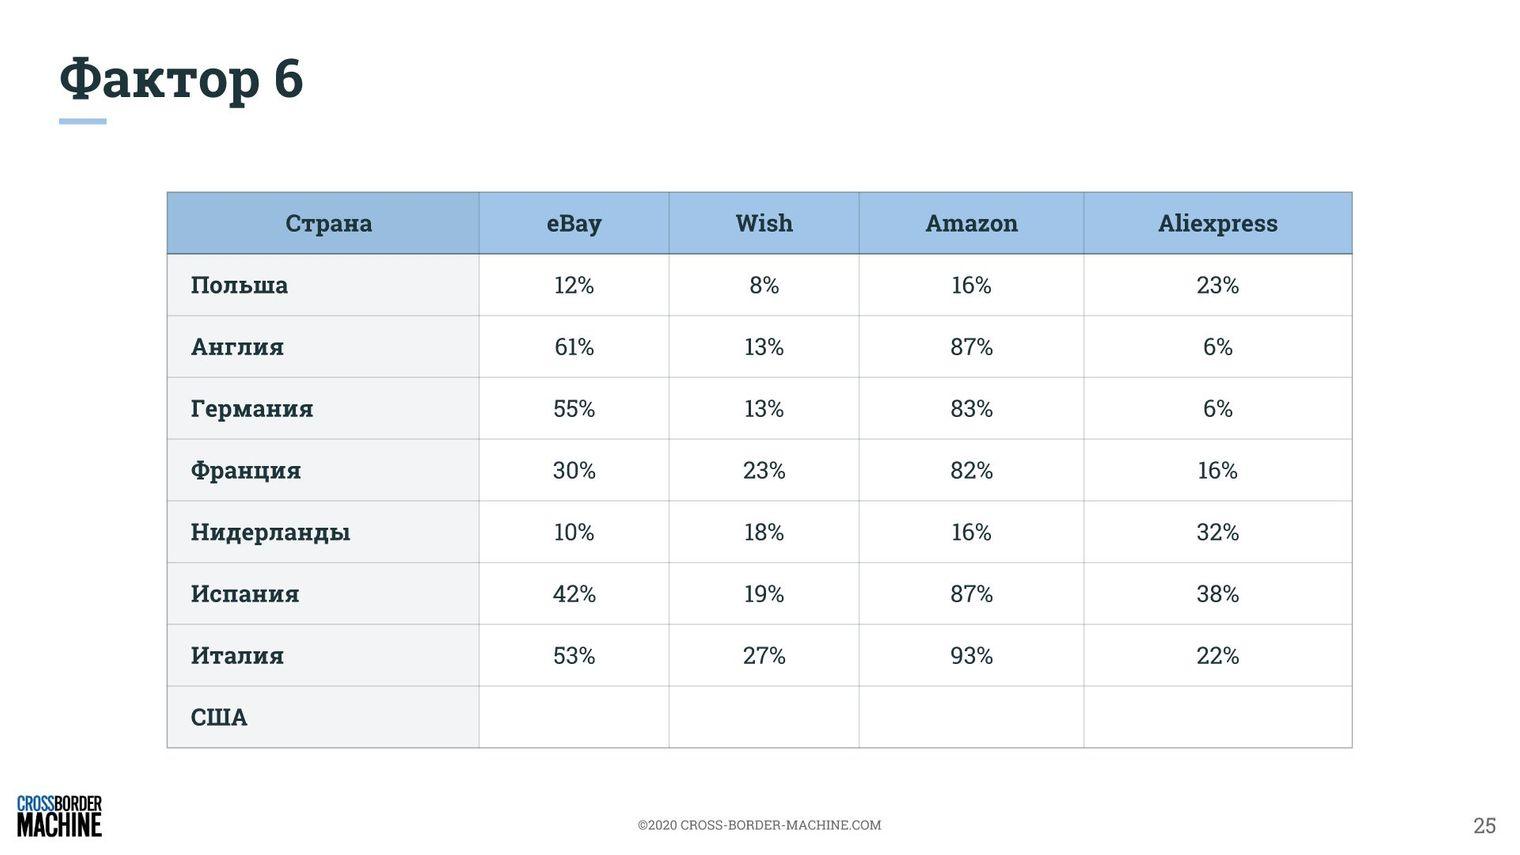 Построение стратегии продаж геймерских кресел на основе 9 факторов рентабельного экспорта. Аналитика и рекомендации 5